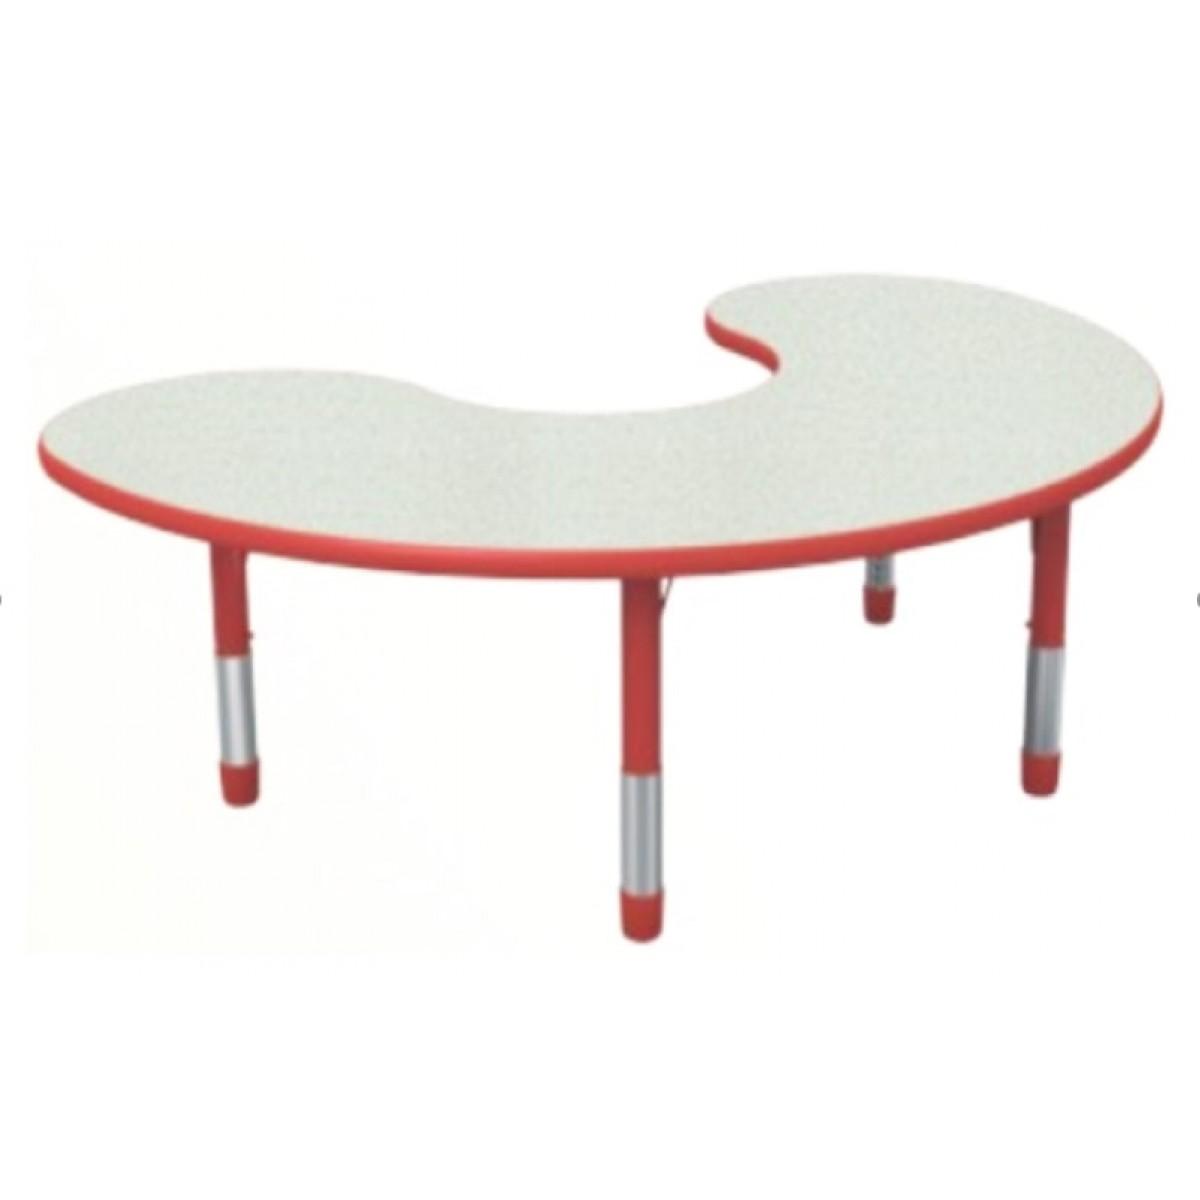 طاولة هلالية مموجه متعددة المستويات خشب 180*120*56-76 سم